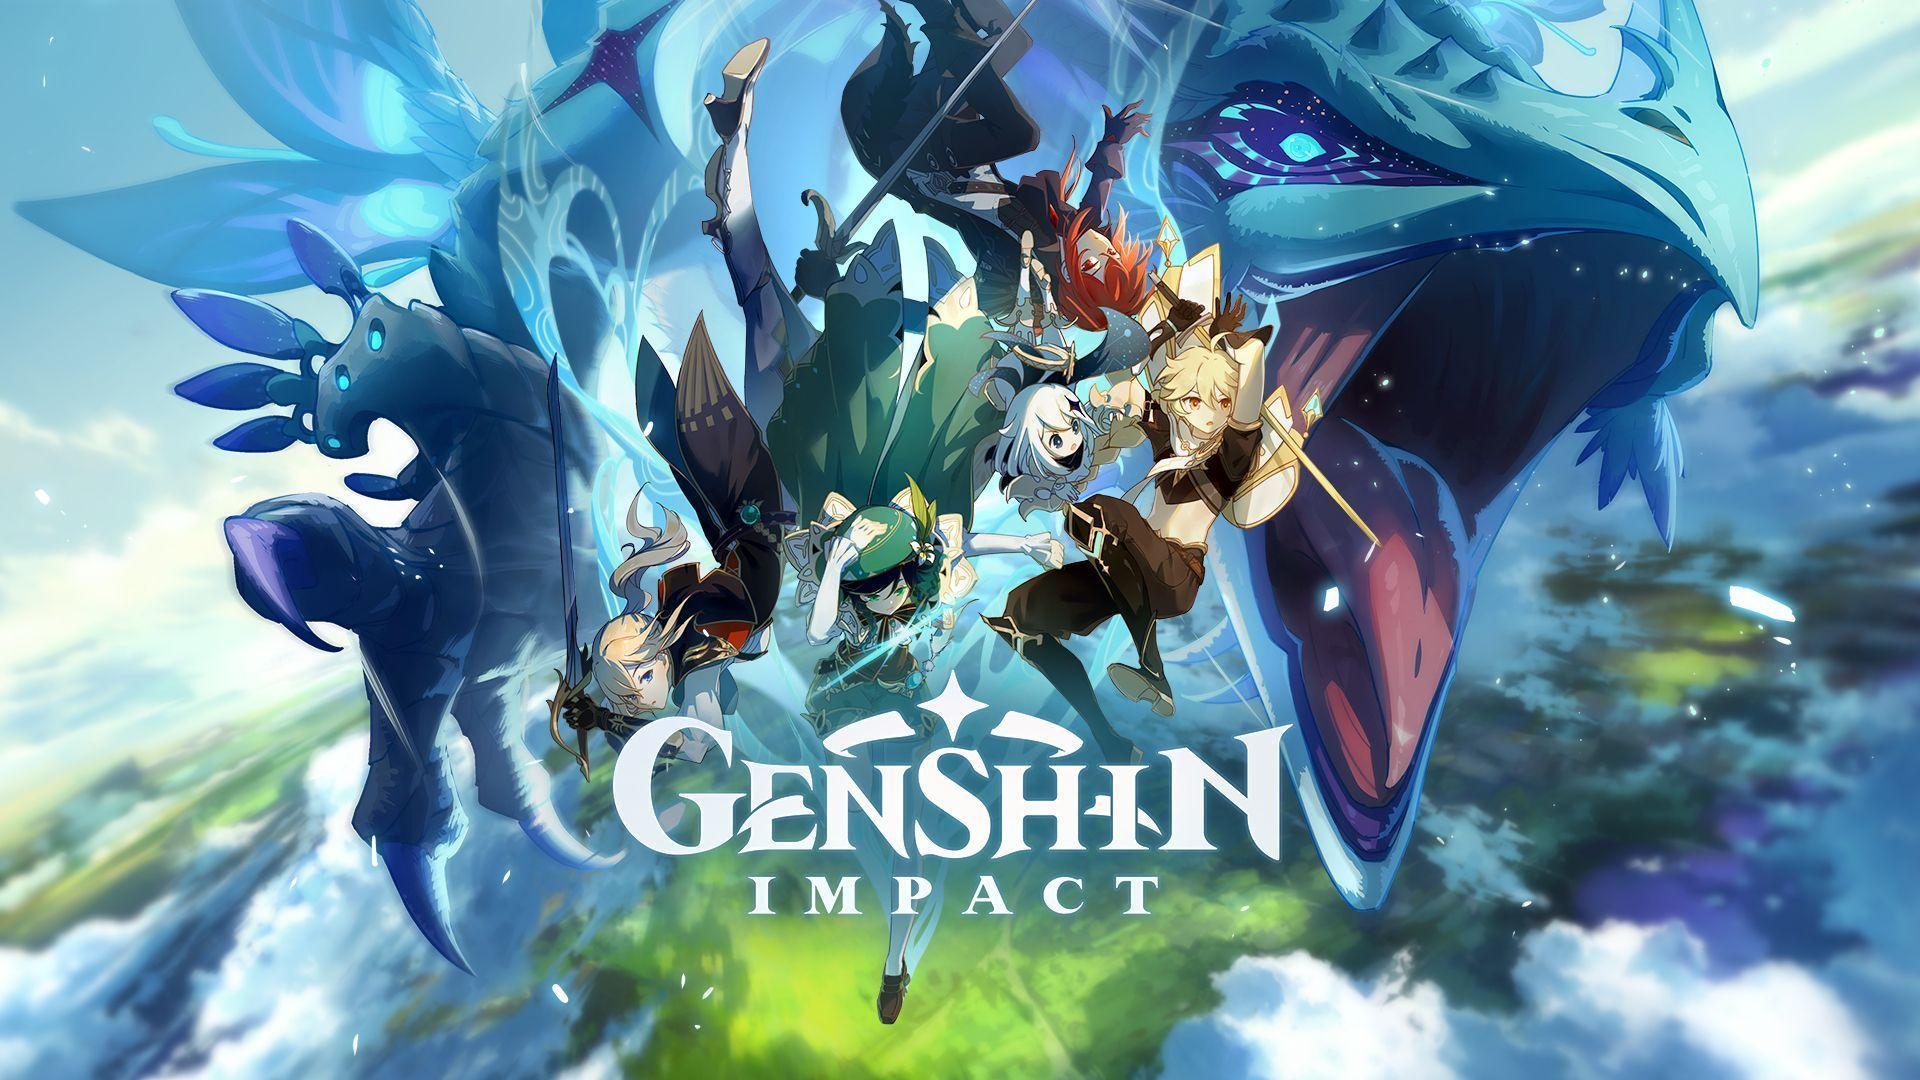 1920x1080 Ngày phát hành Genshin Impact - Tất cả chi tiết + Hình nền Genshin Impact - Chủ đề Supertab